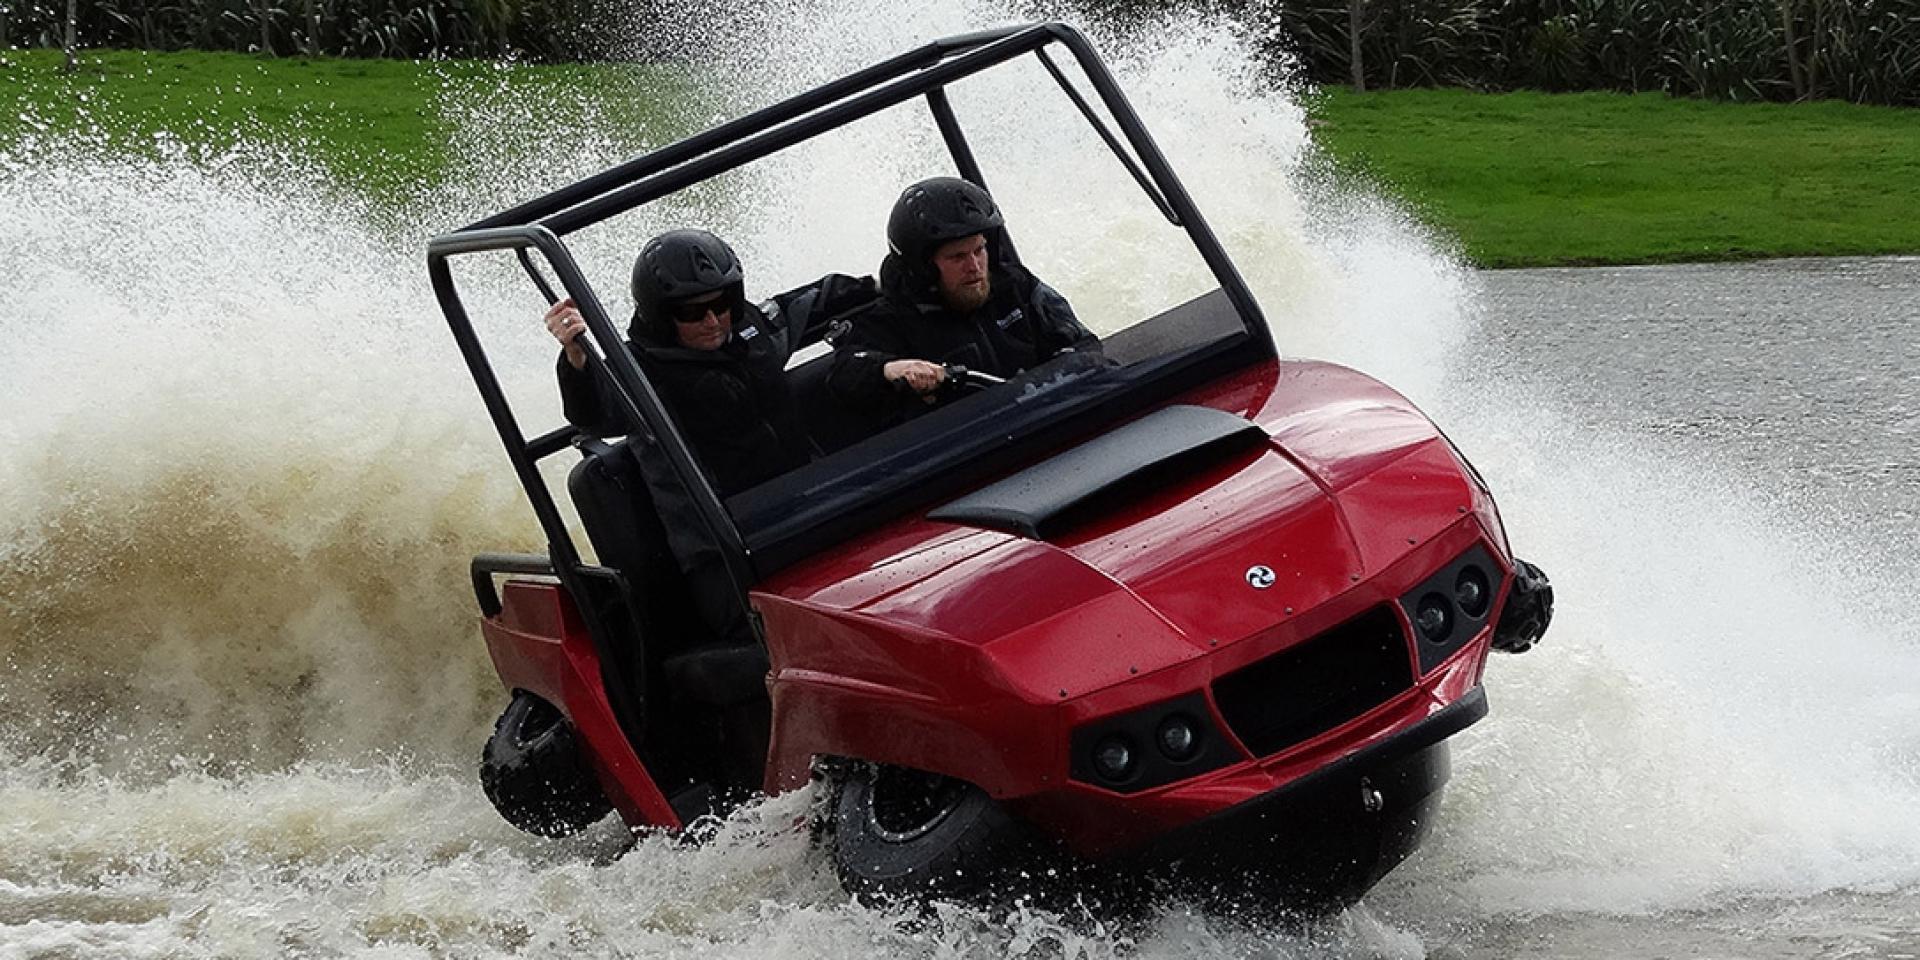 水陸兩用無極限,GIBBS推出全新兩用全地形車